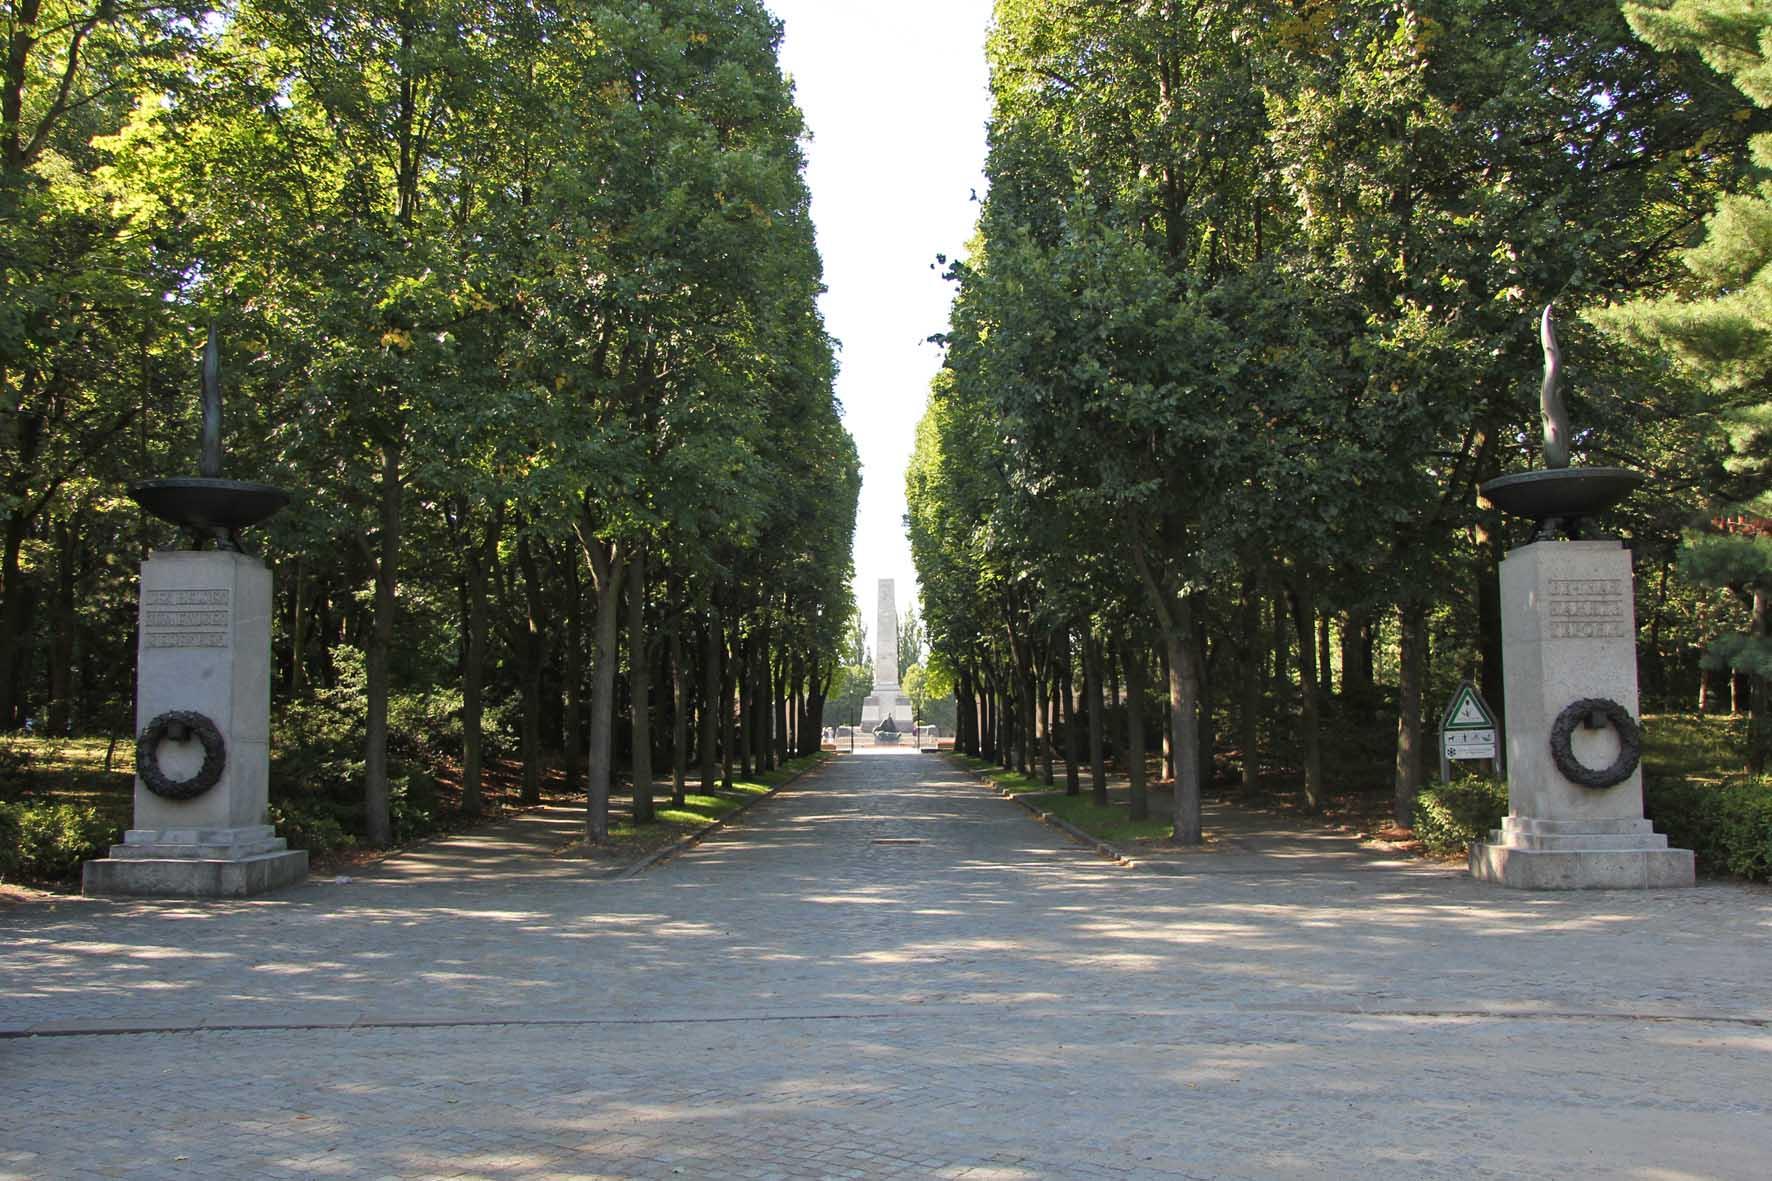 Eingang zum Sowjetischen Kriegsdenkmal Schönholzer Heide in Berlin